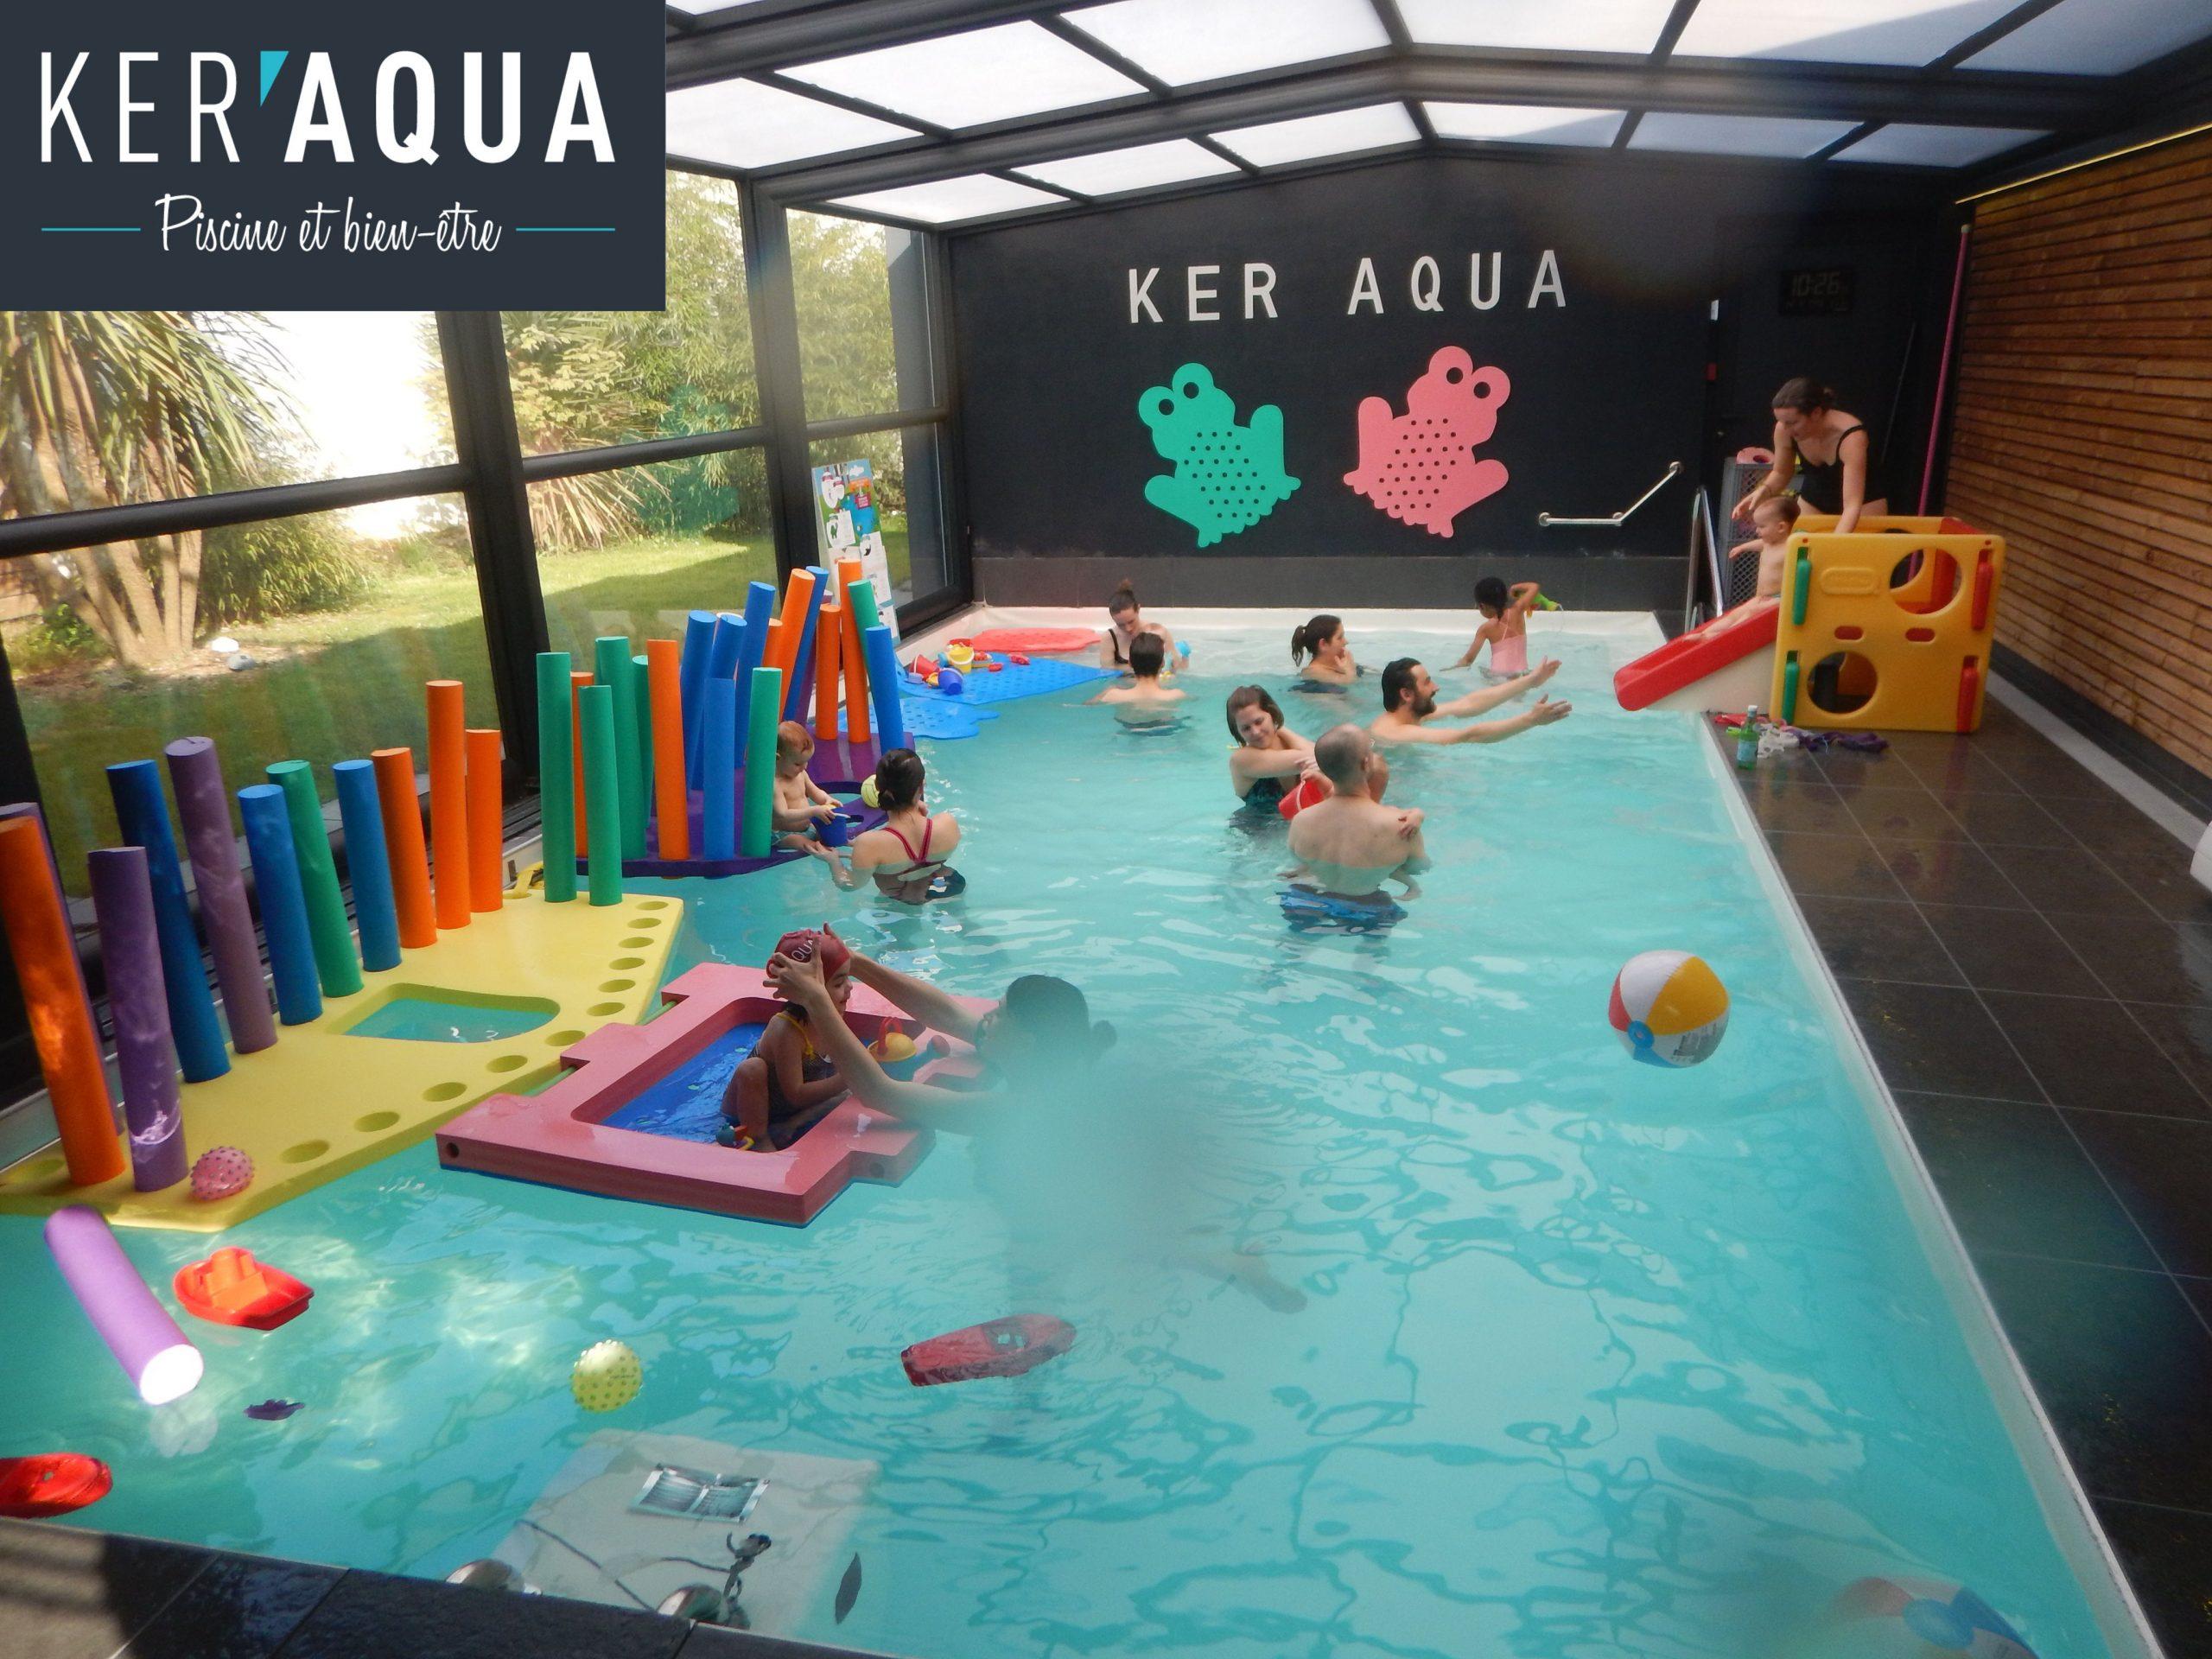 Bébé Nageur Et Éveil Aquatique À Rennes - Ker Aqua, Piscine ... destiné Piscine De Cesson